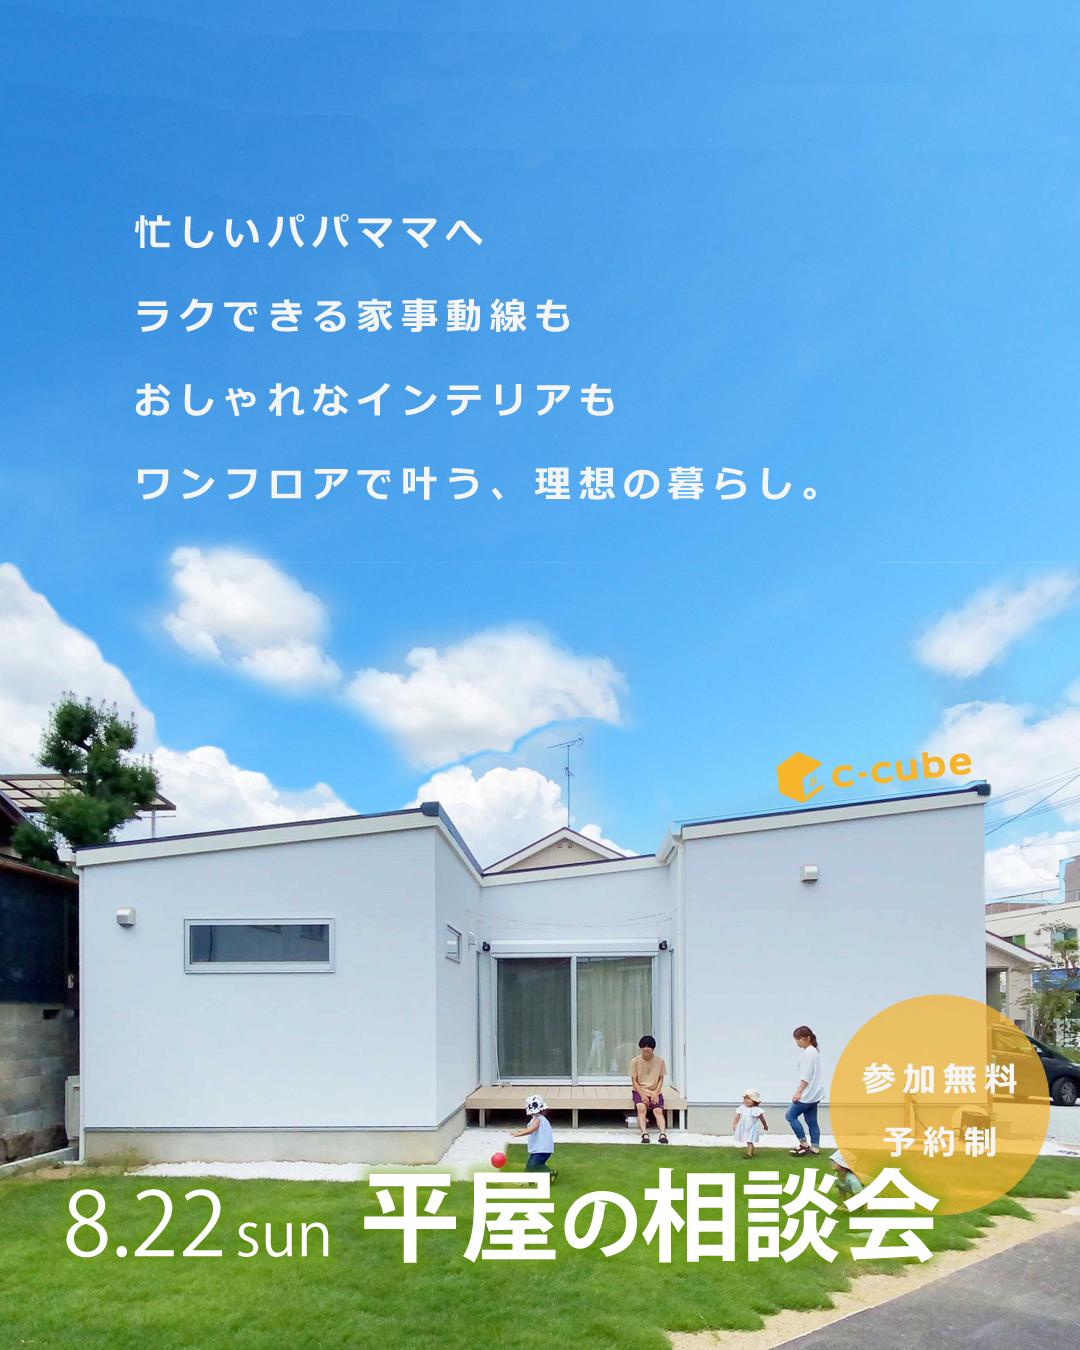 【8月22日(日)13:00~15:00】平屋相談会